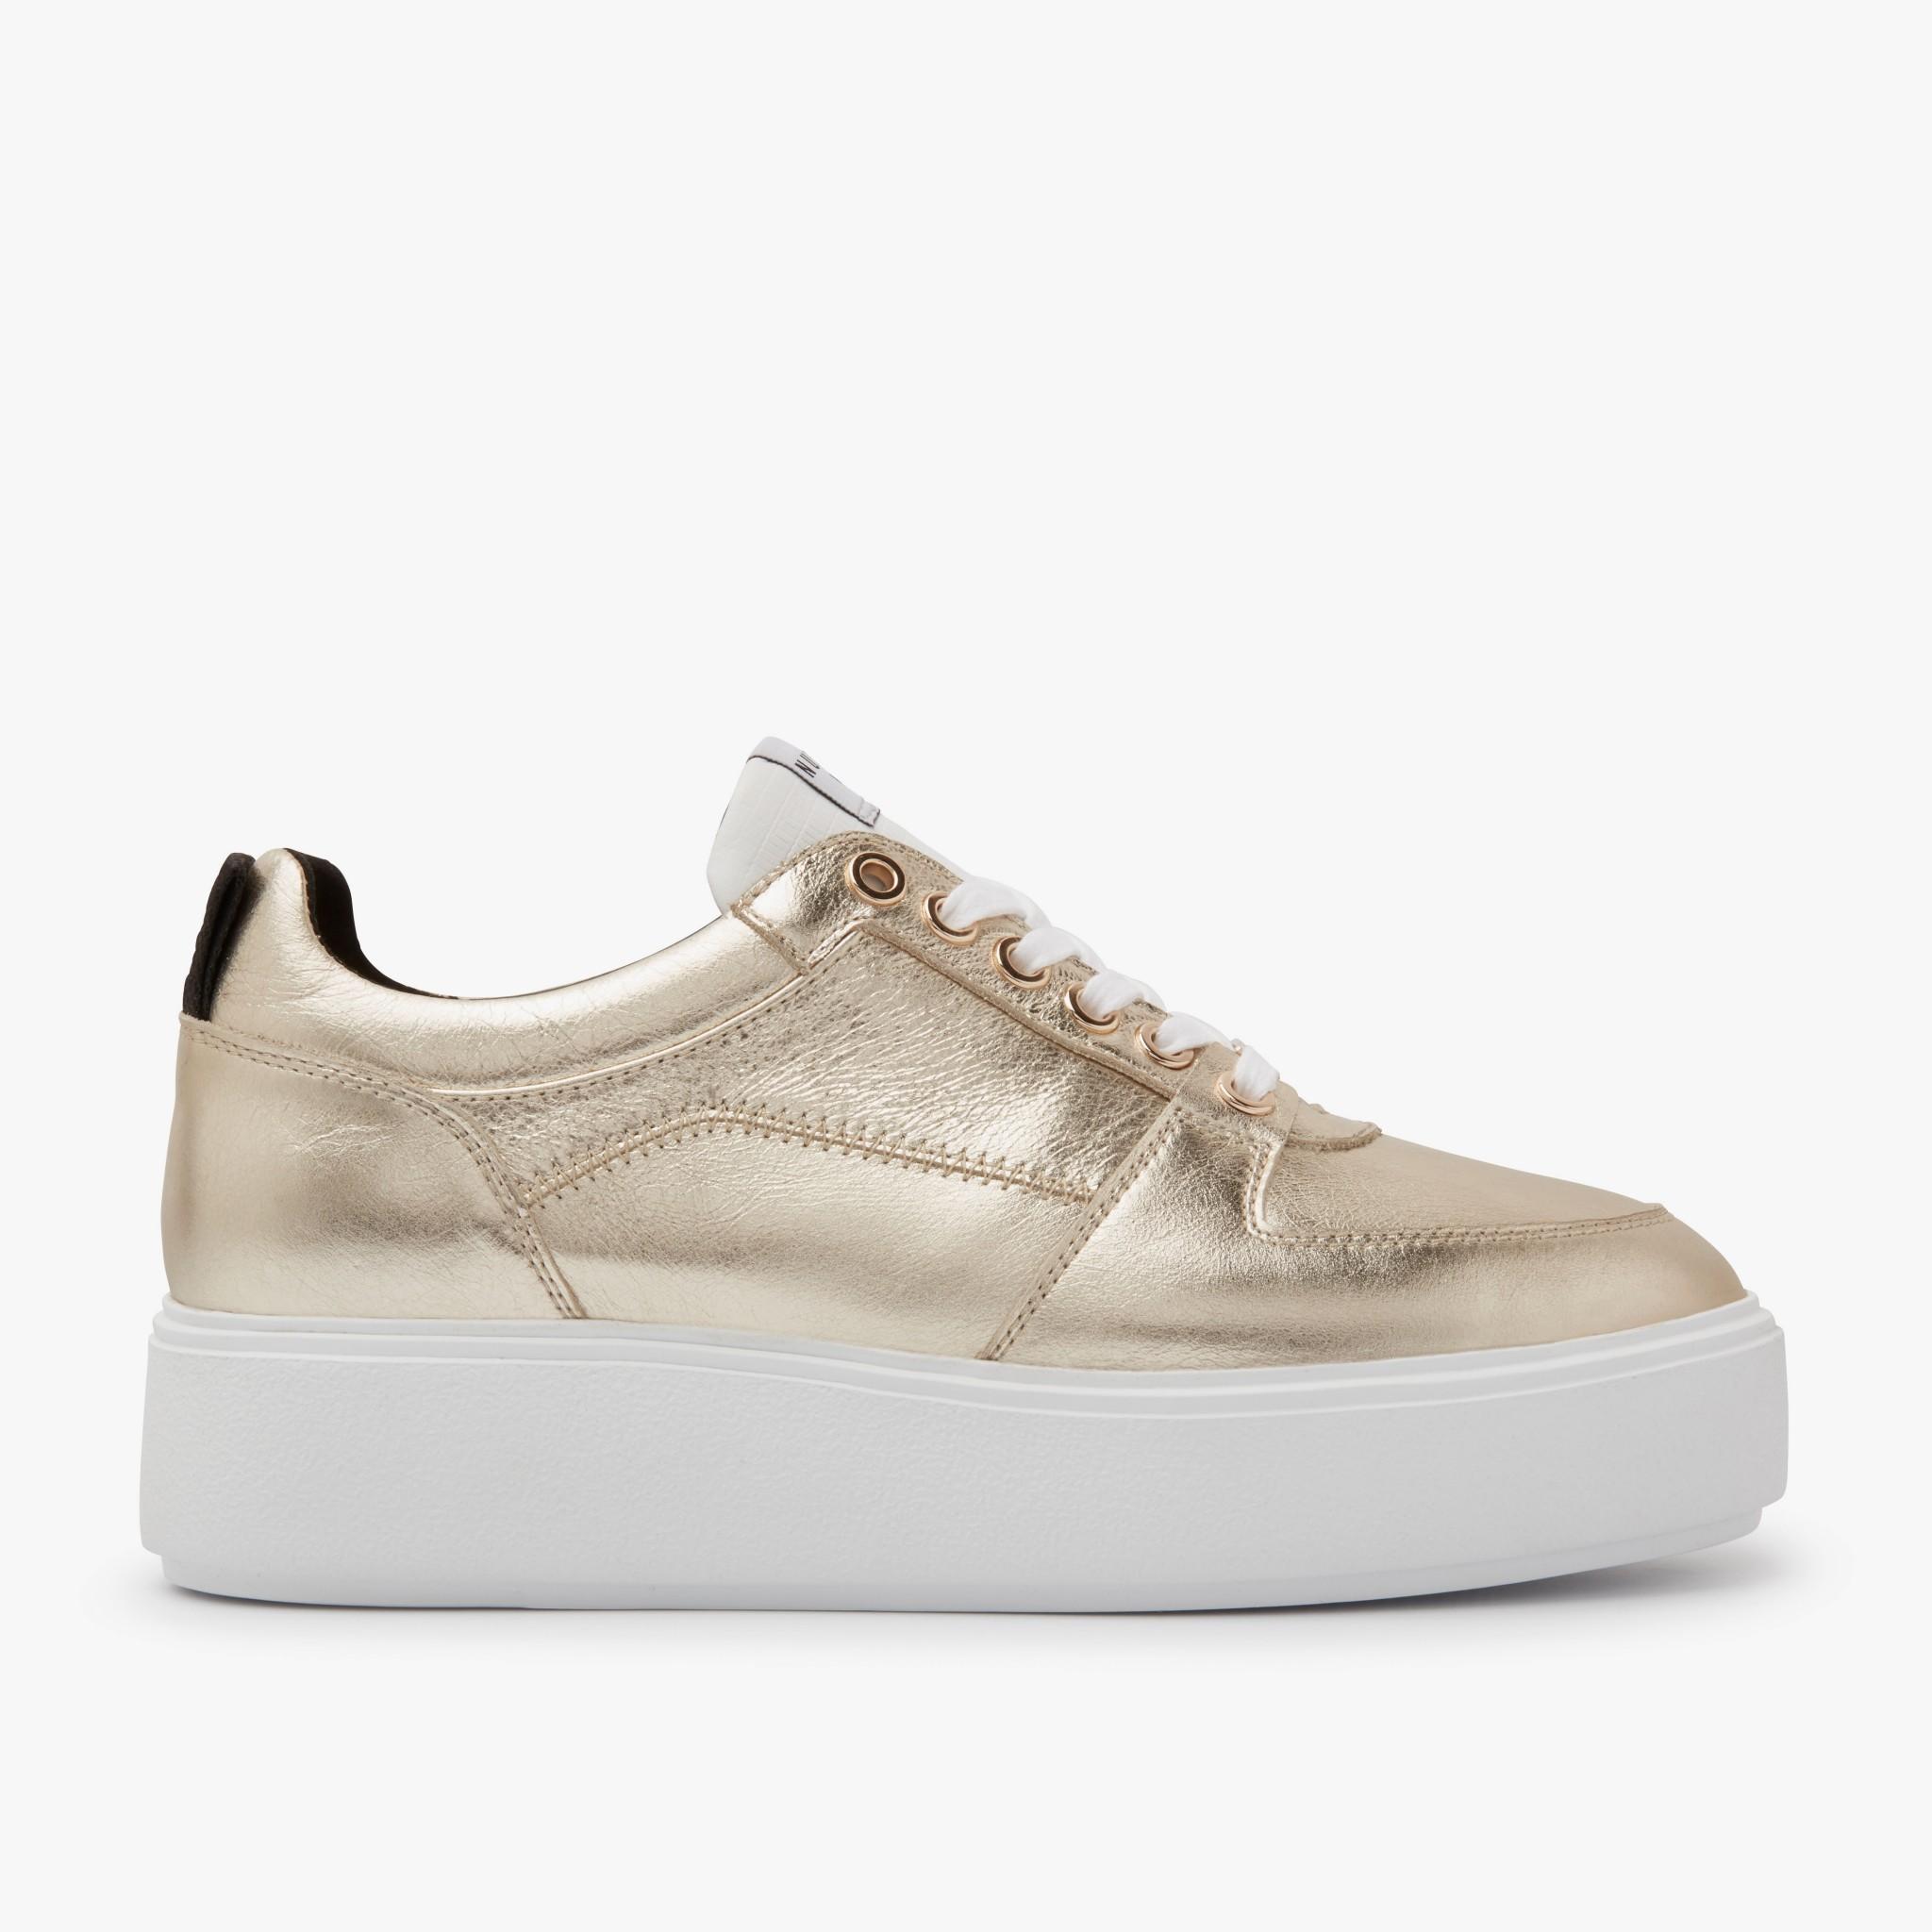 Gold Sneakers   Elise Blush   NUBIKK®   boutique en ligne officielle